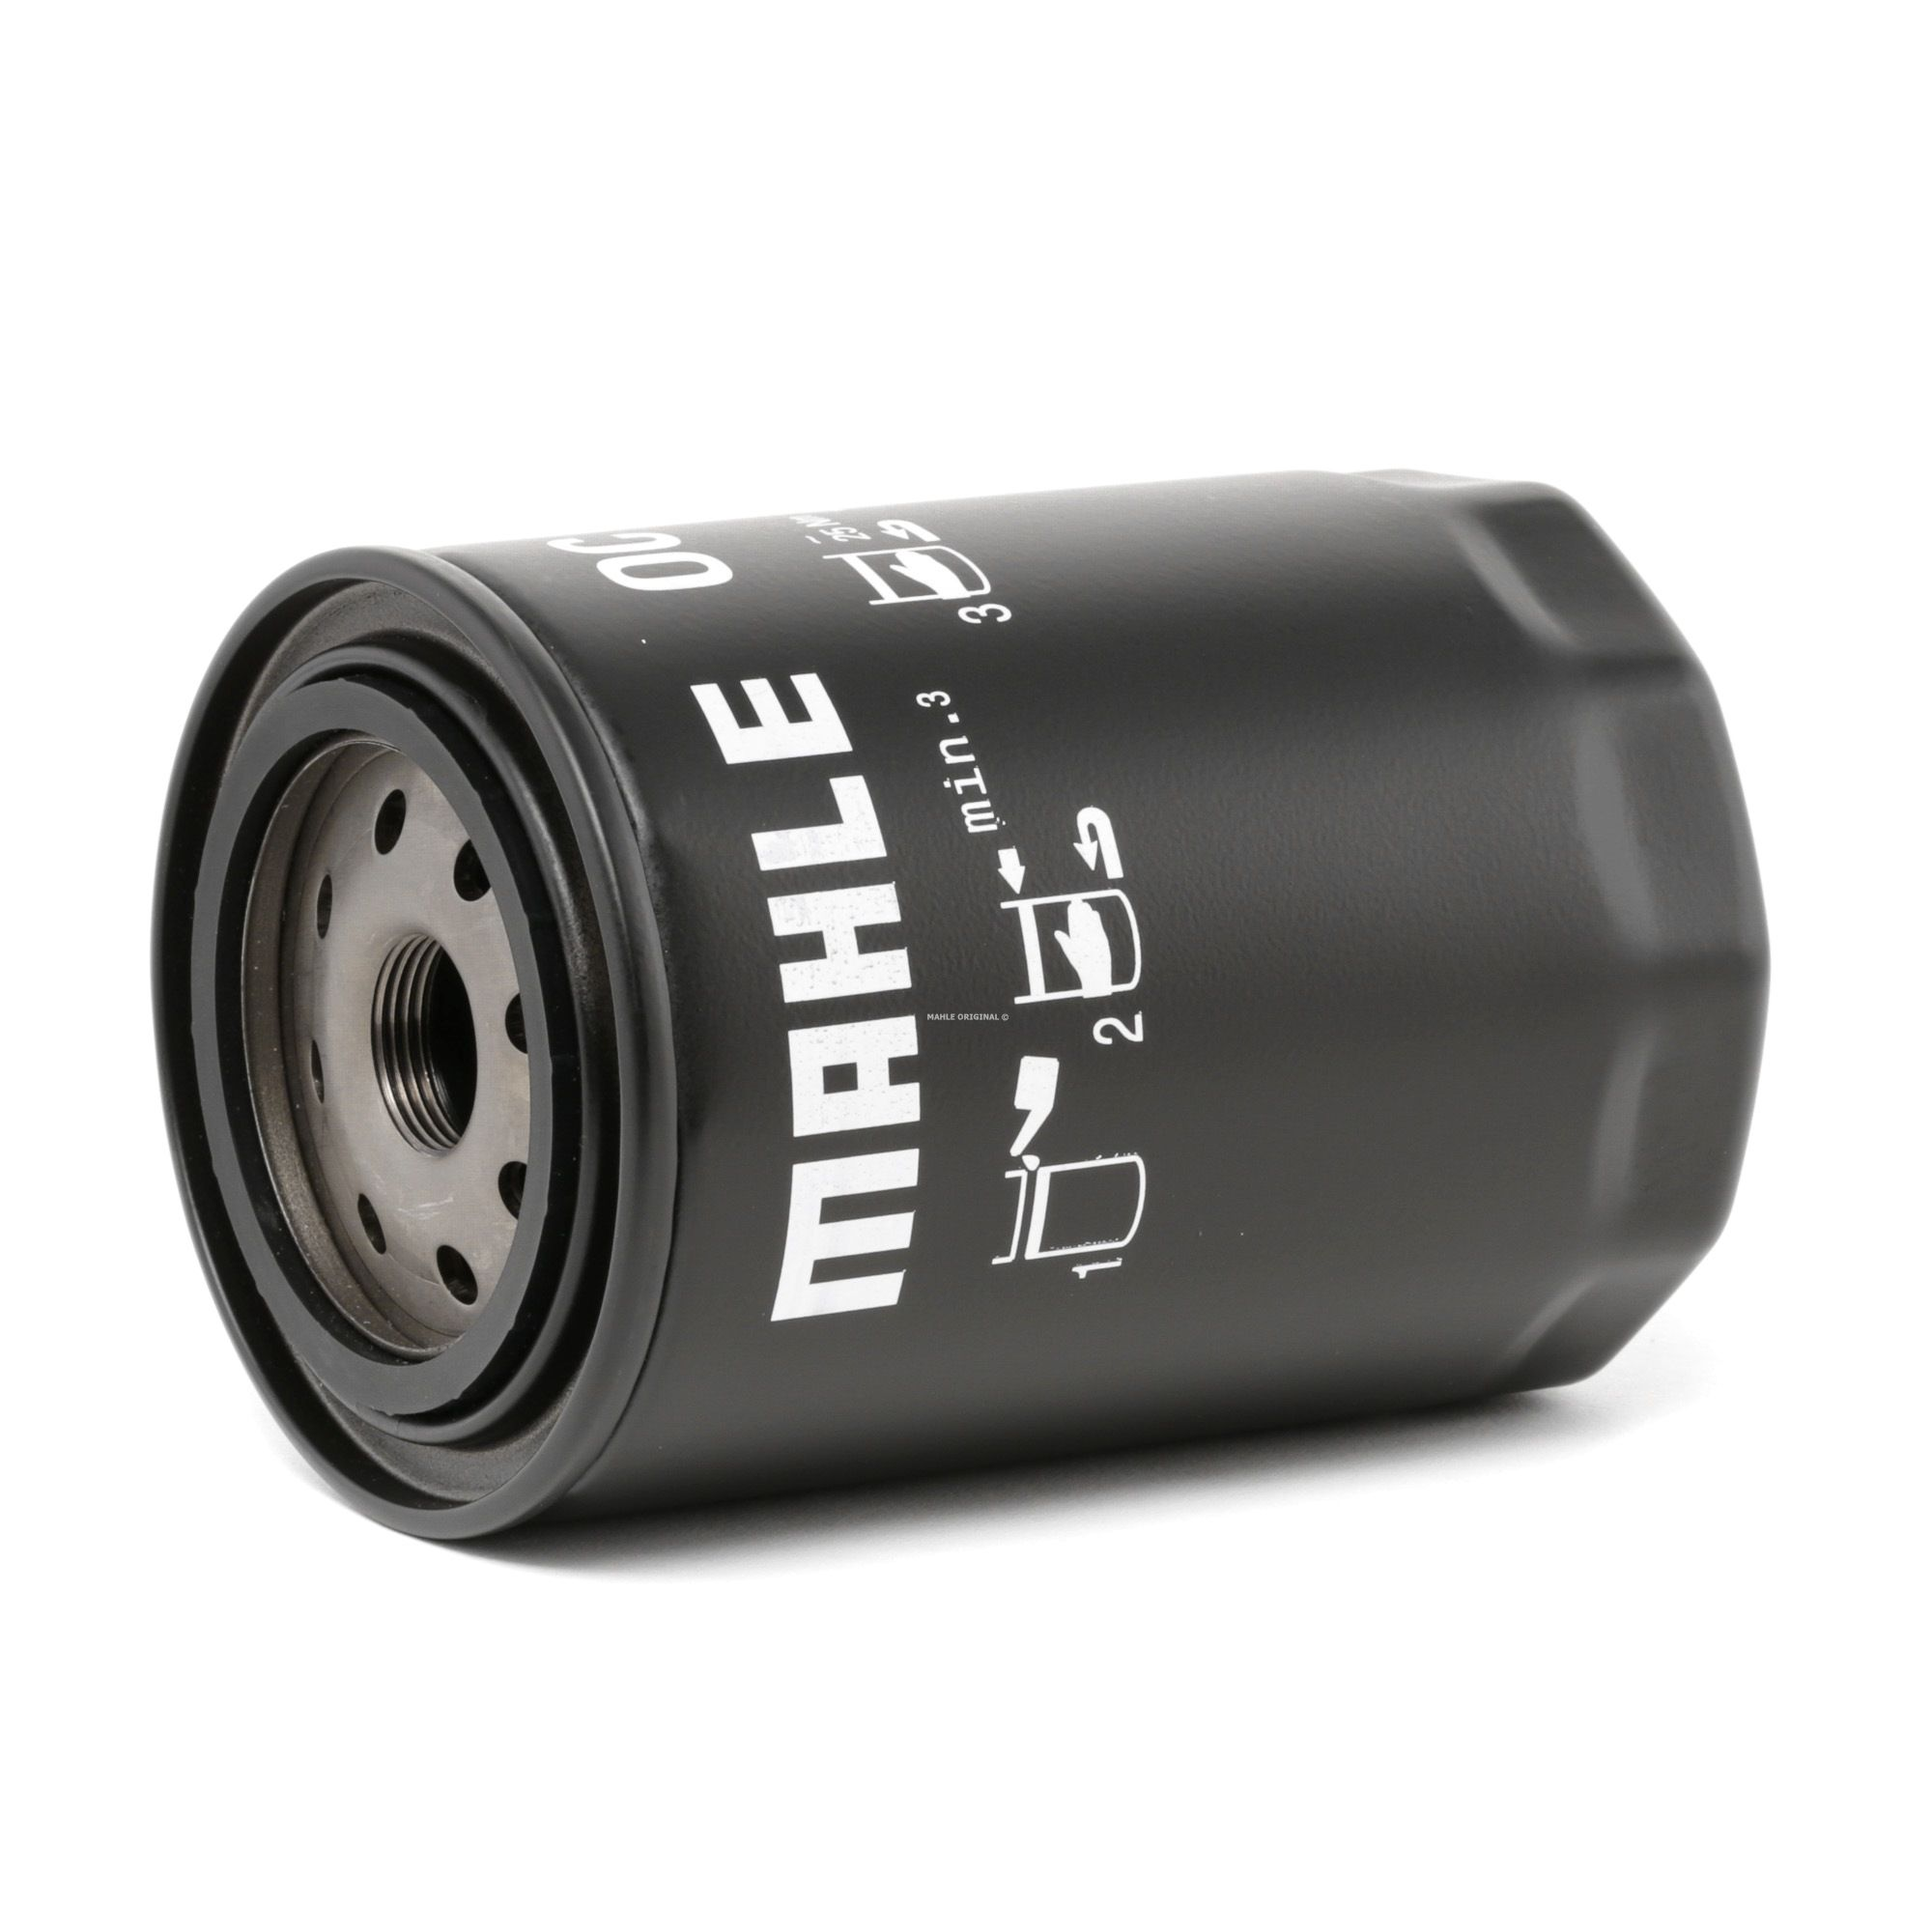 MAHLE ORIGINAL: Original Motorölfilter OC 613 (Ø: 96,0mm, Ø: 96,0mm, Höhe: 141, 143mm)